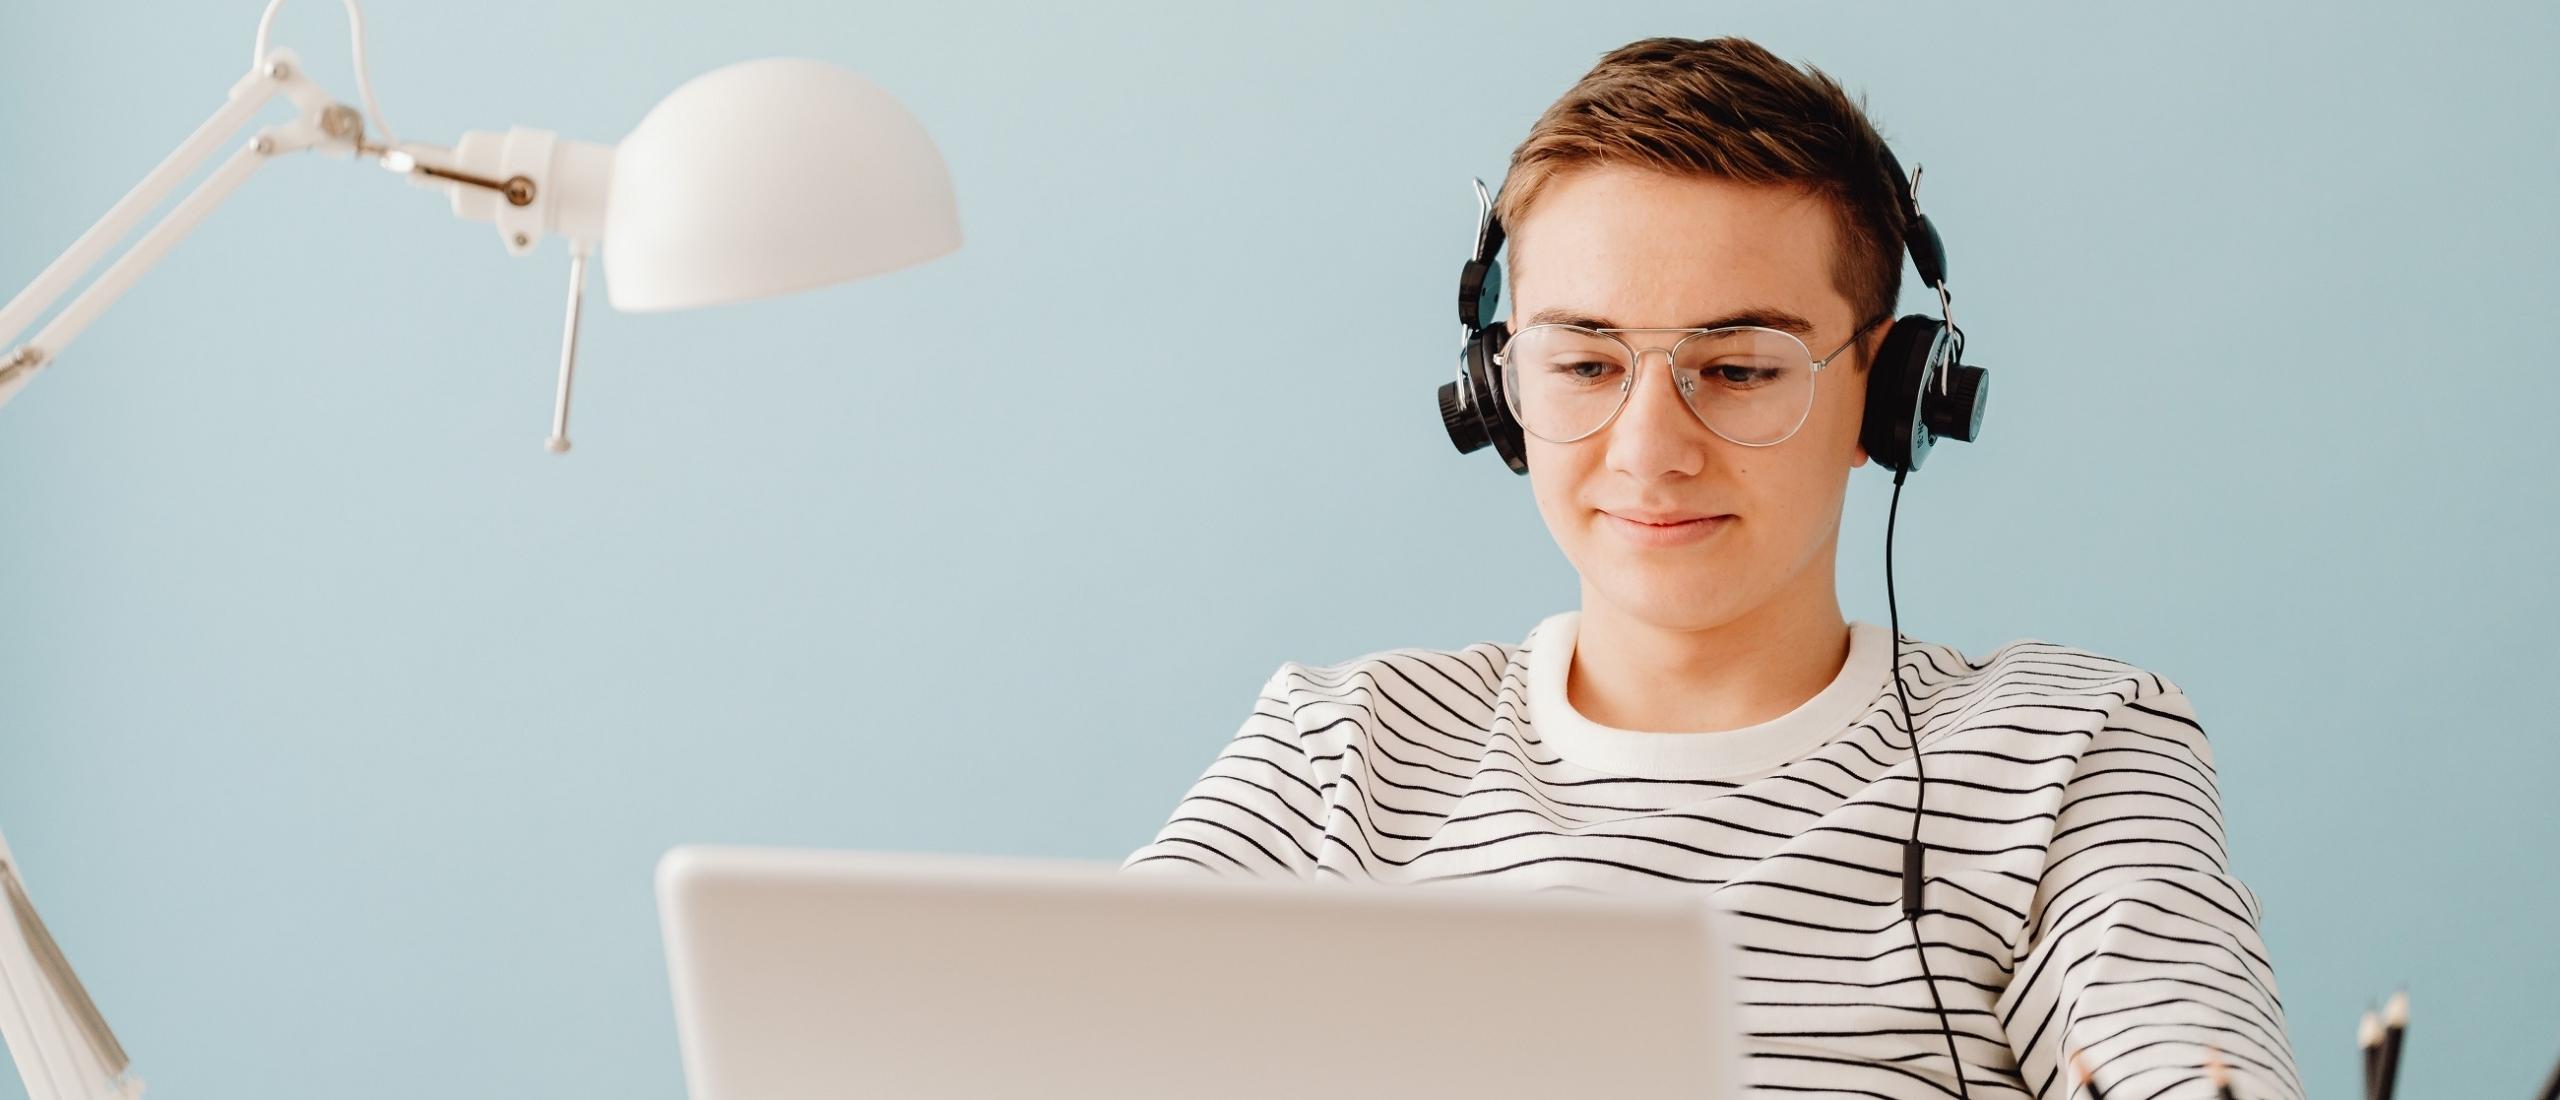 Een webshop beginnen als minderjarige? Hier moet je op letten